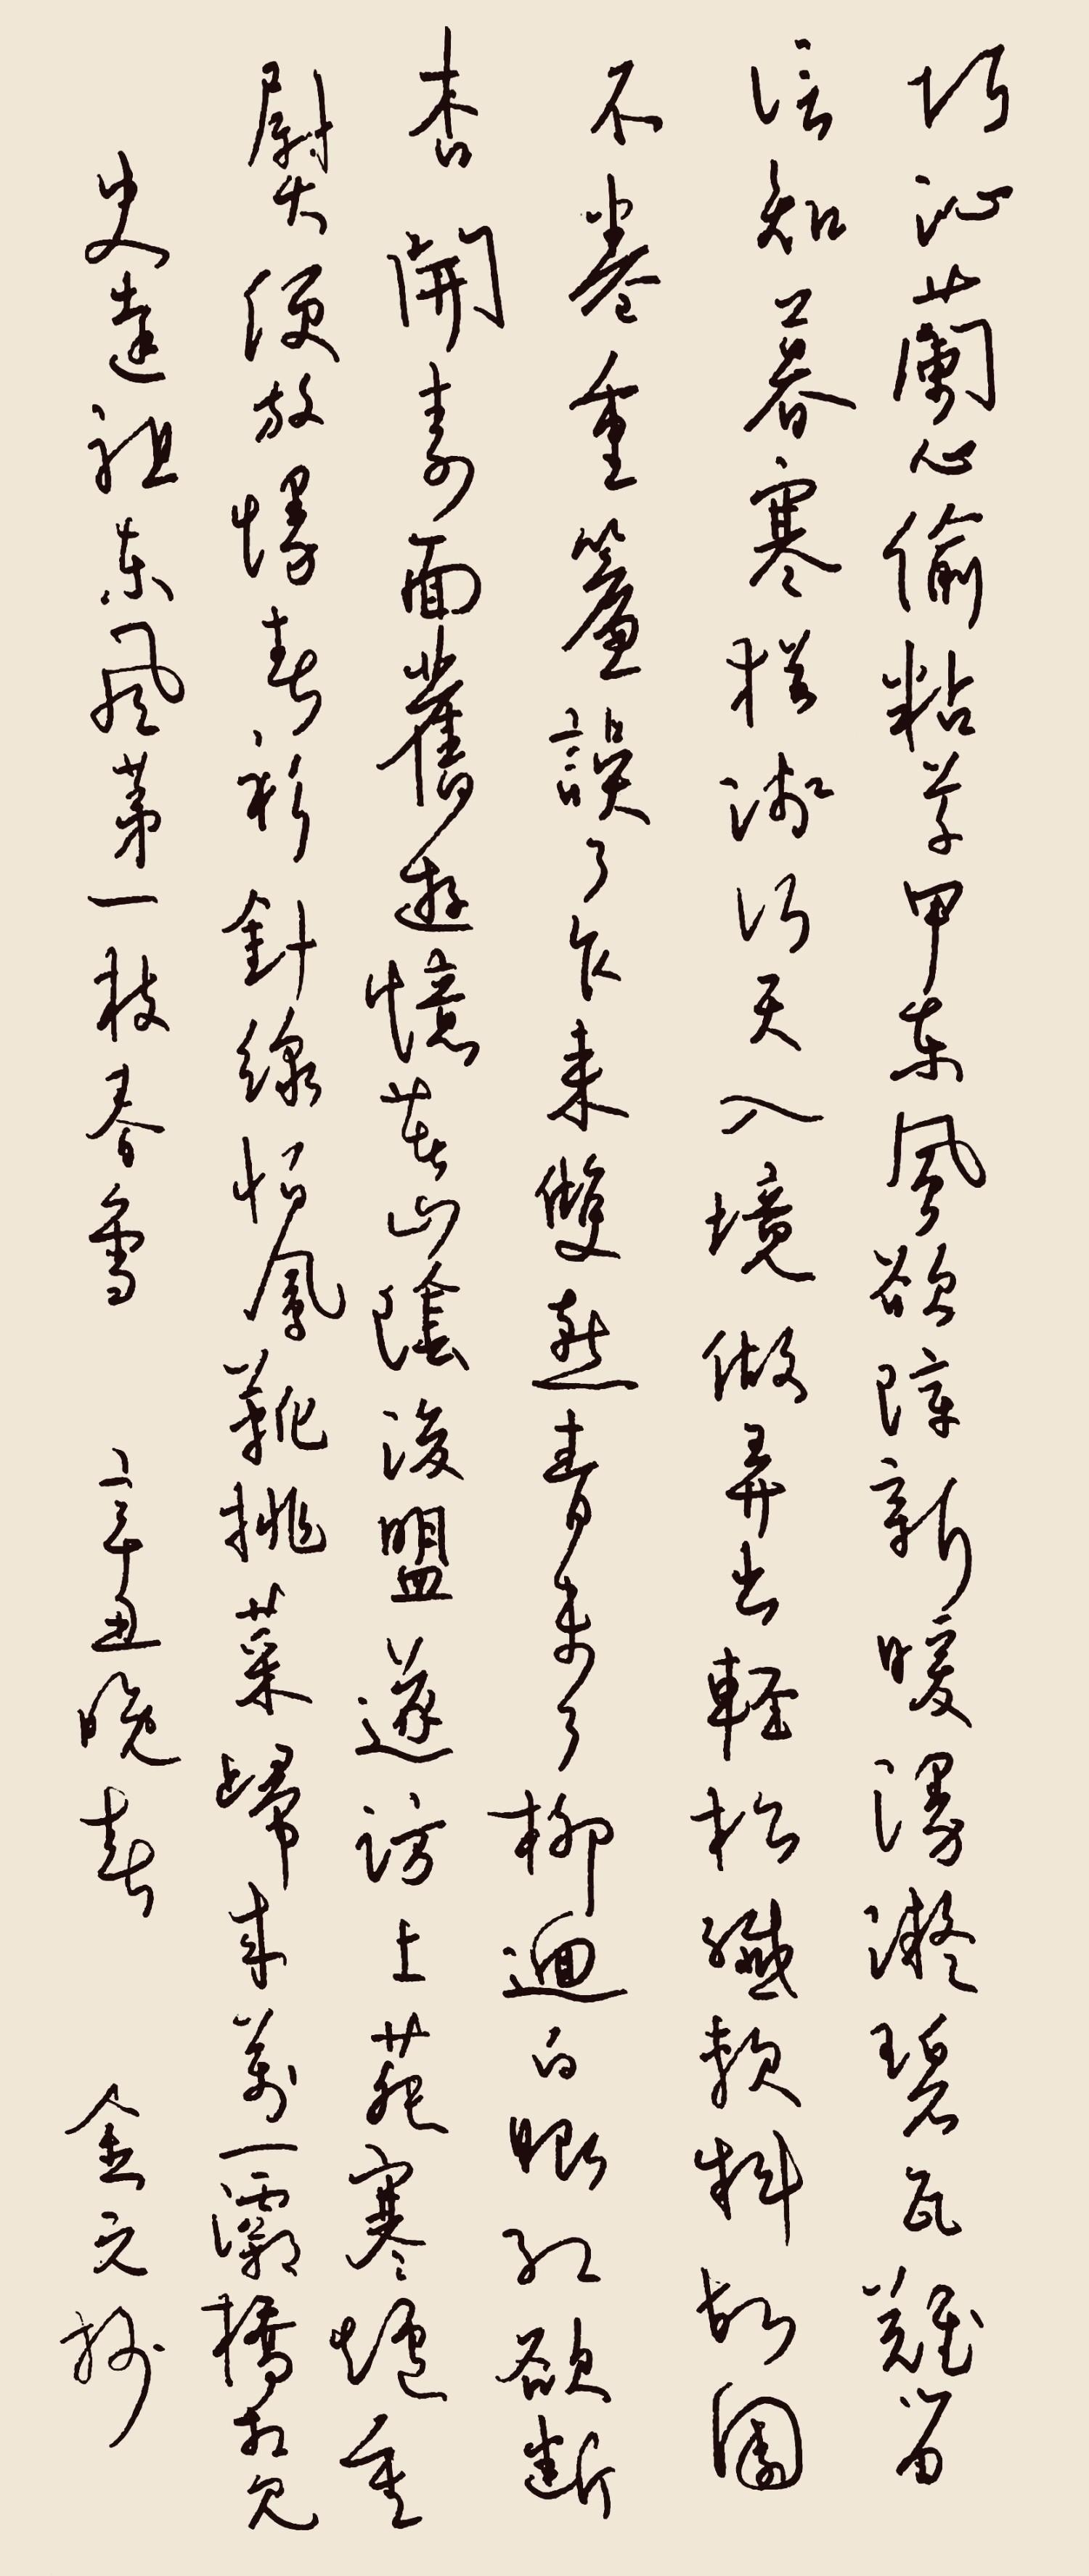 钢笔书法练字打卡20210511-07